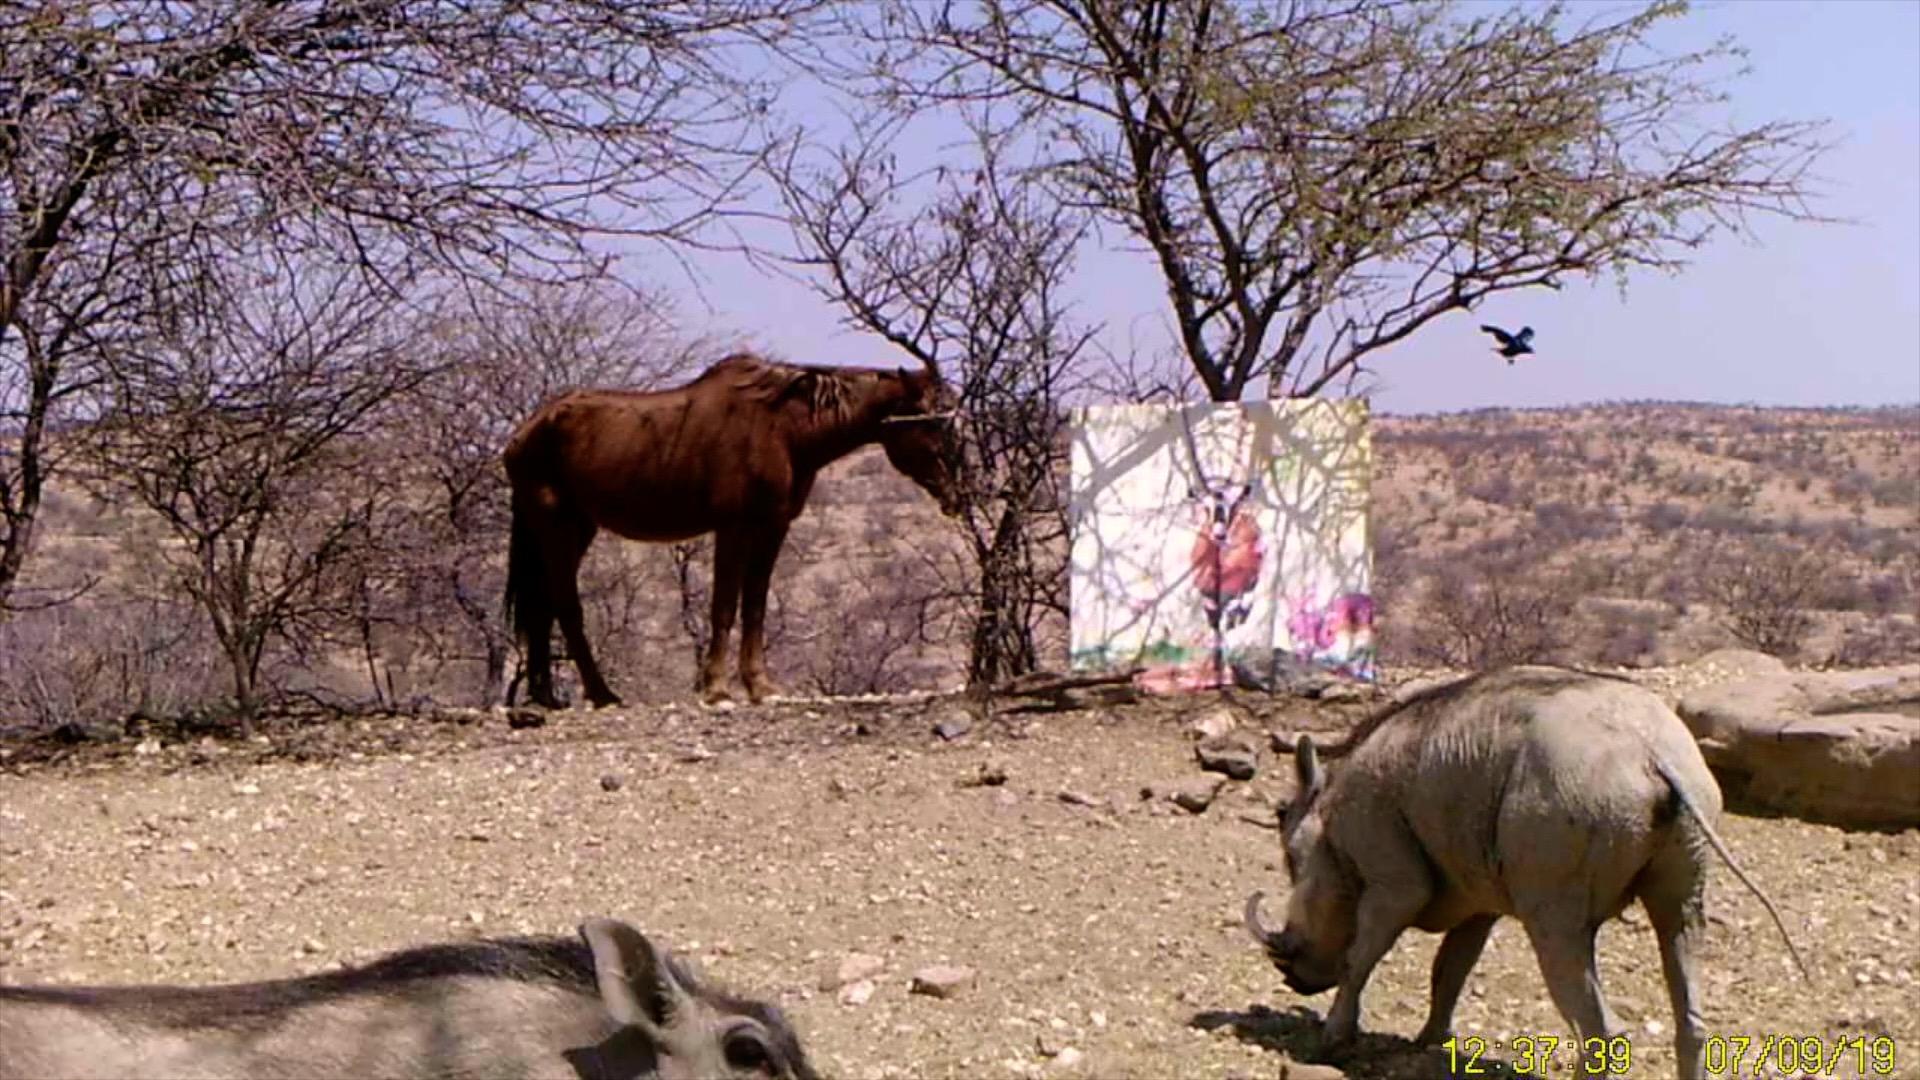 Filmstill SUPERWILDVISION Namibia 2019, Afrika, Nachtaufnahme Kunstprojekt von Irene Mueller, Pferd und Warzenschweine Gemaelde Antilope